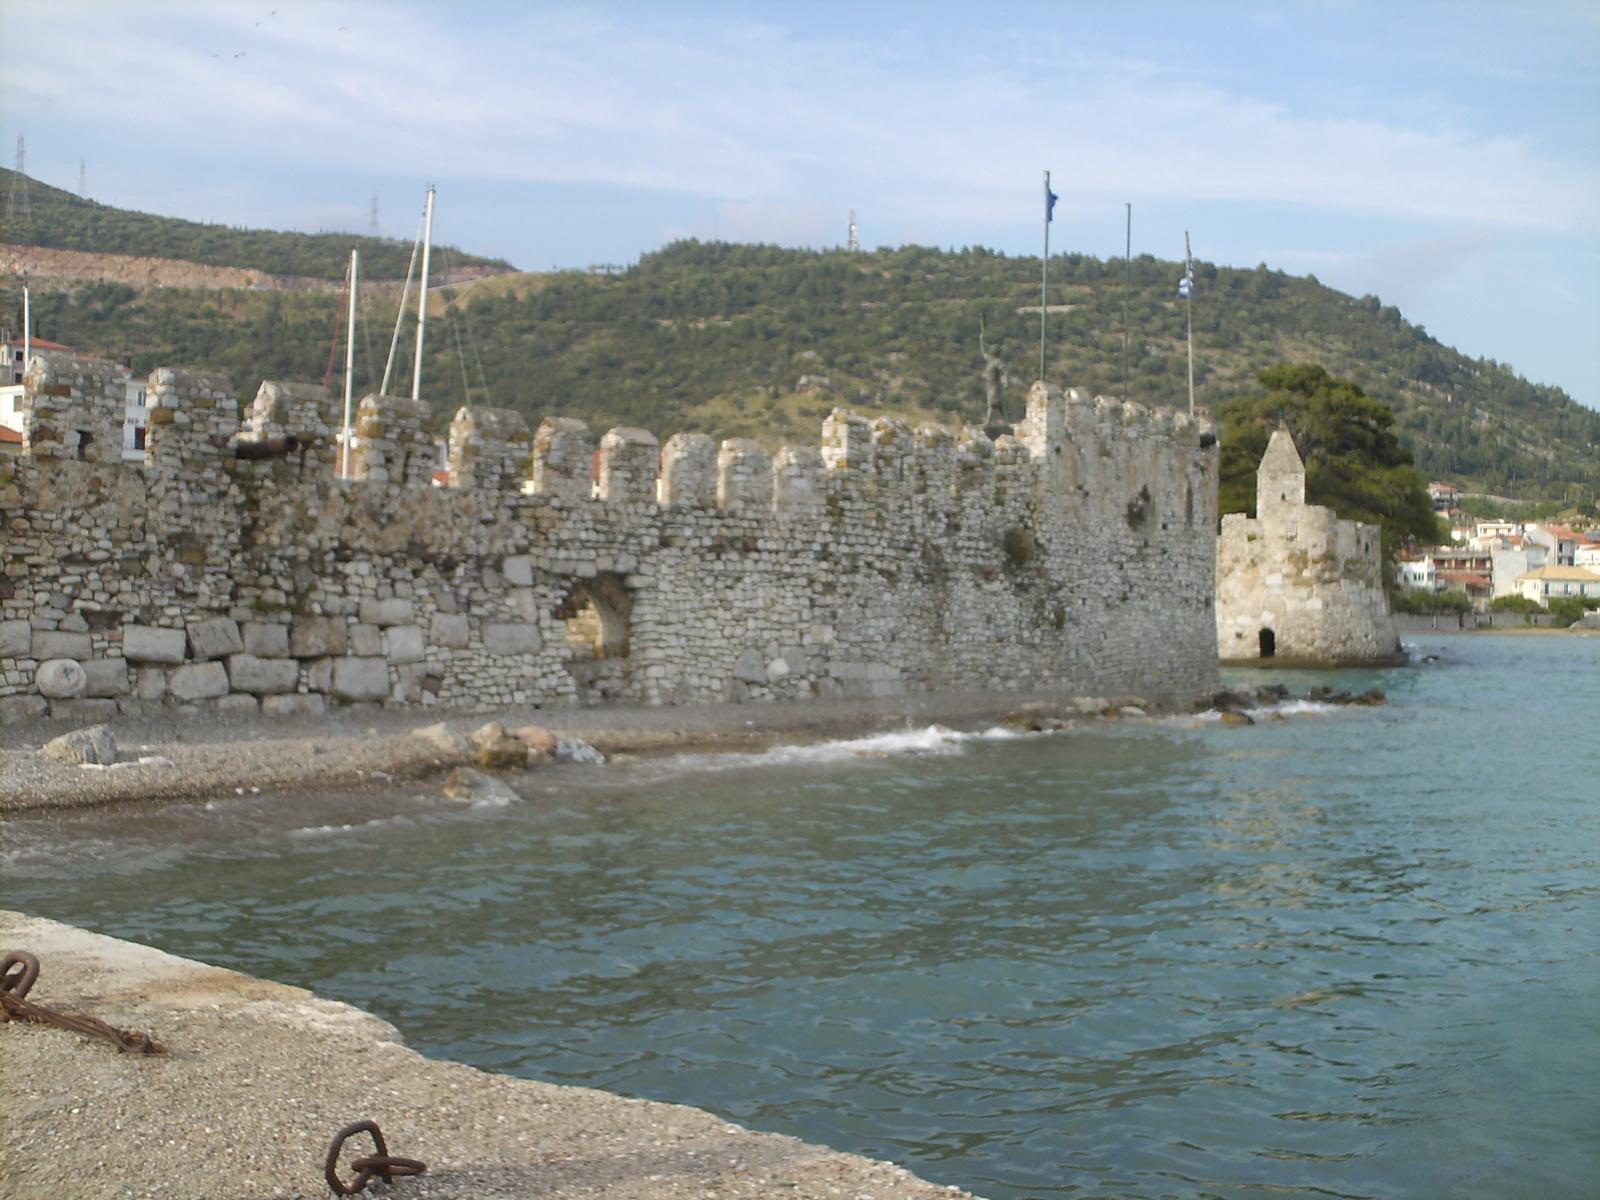 Φρούριο στη Ναύπακτο 30-04-2007_resize